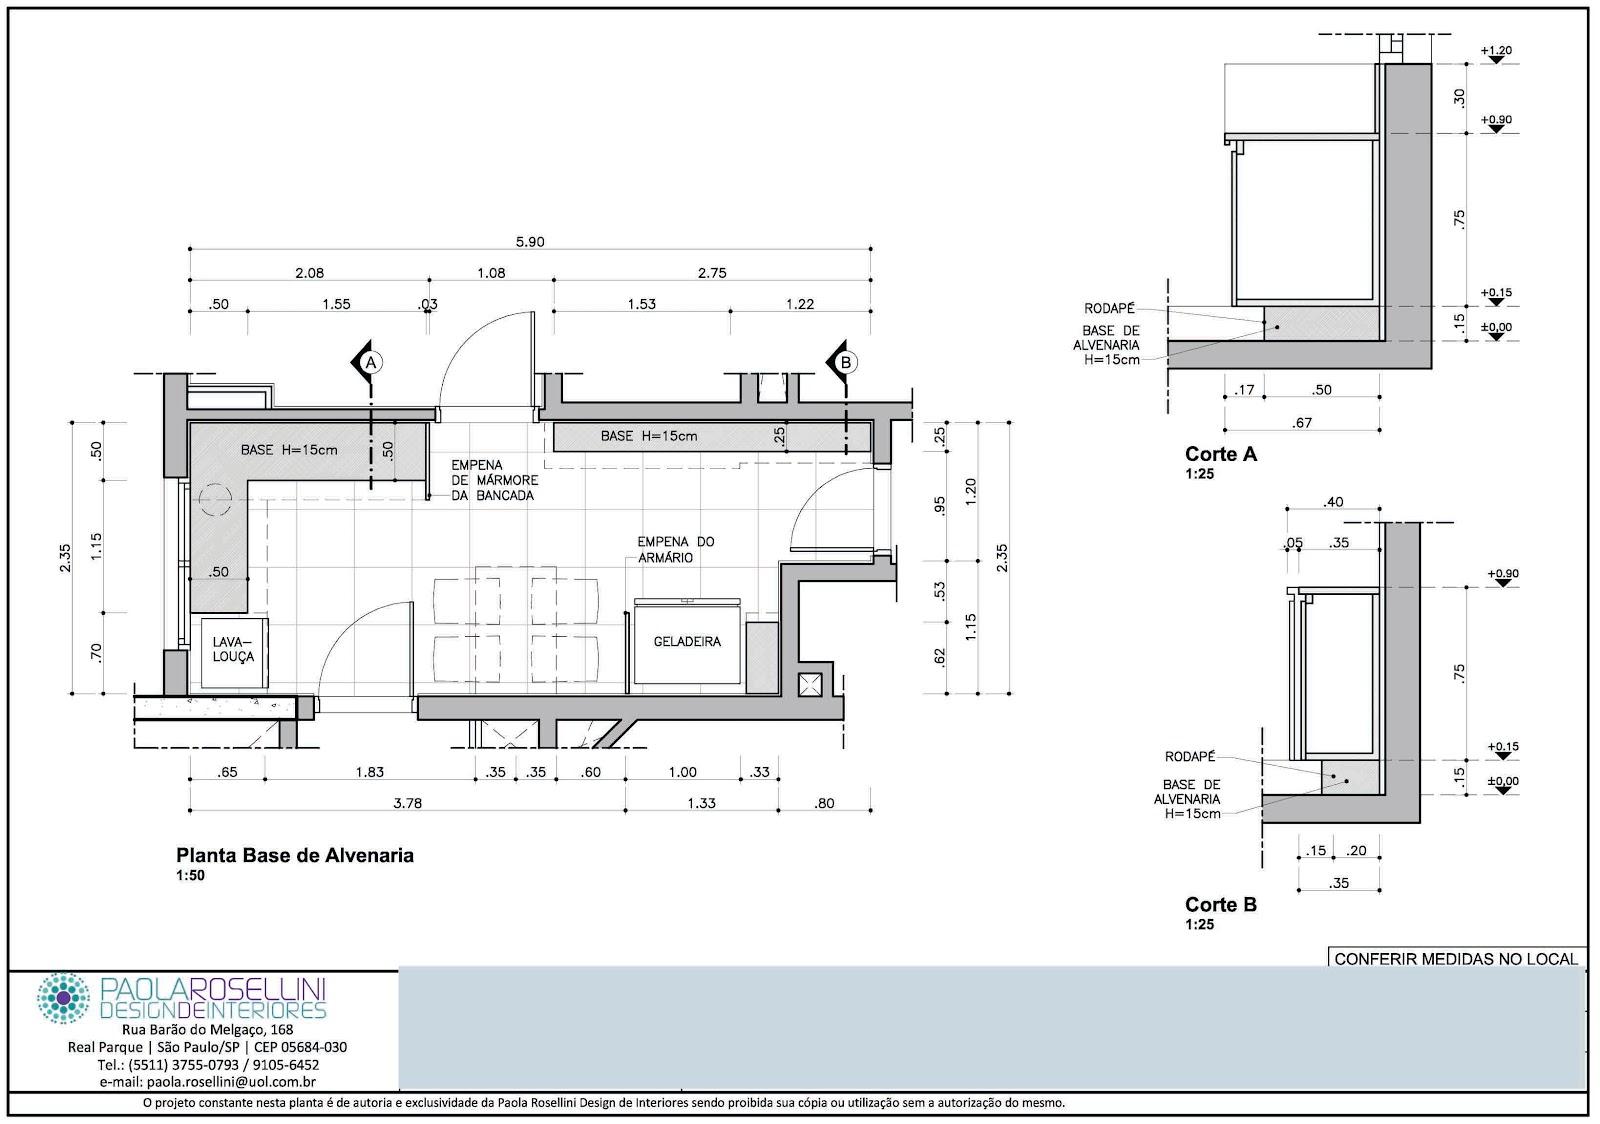 #507A7B MARIANA PROJETISTA: Março 2012 1600x1124 px Projeto De Arquitetura De Cozinha Industrial #2759 imagens